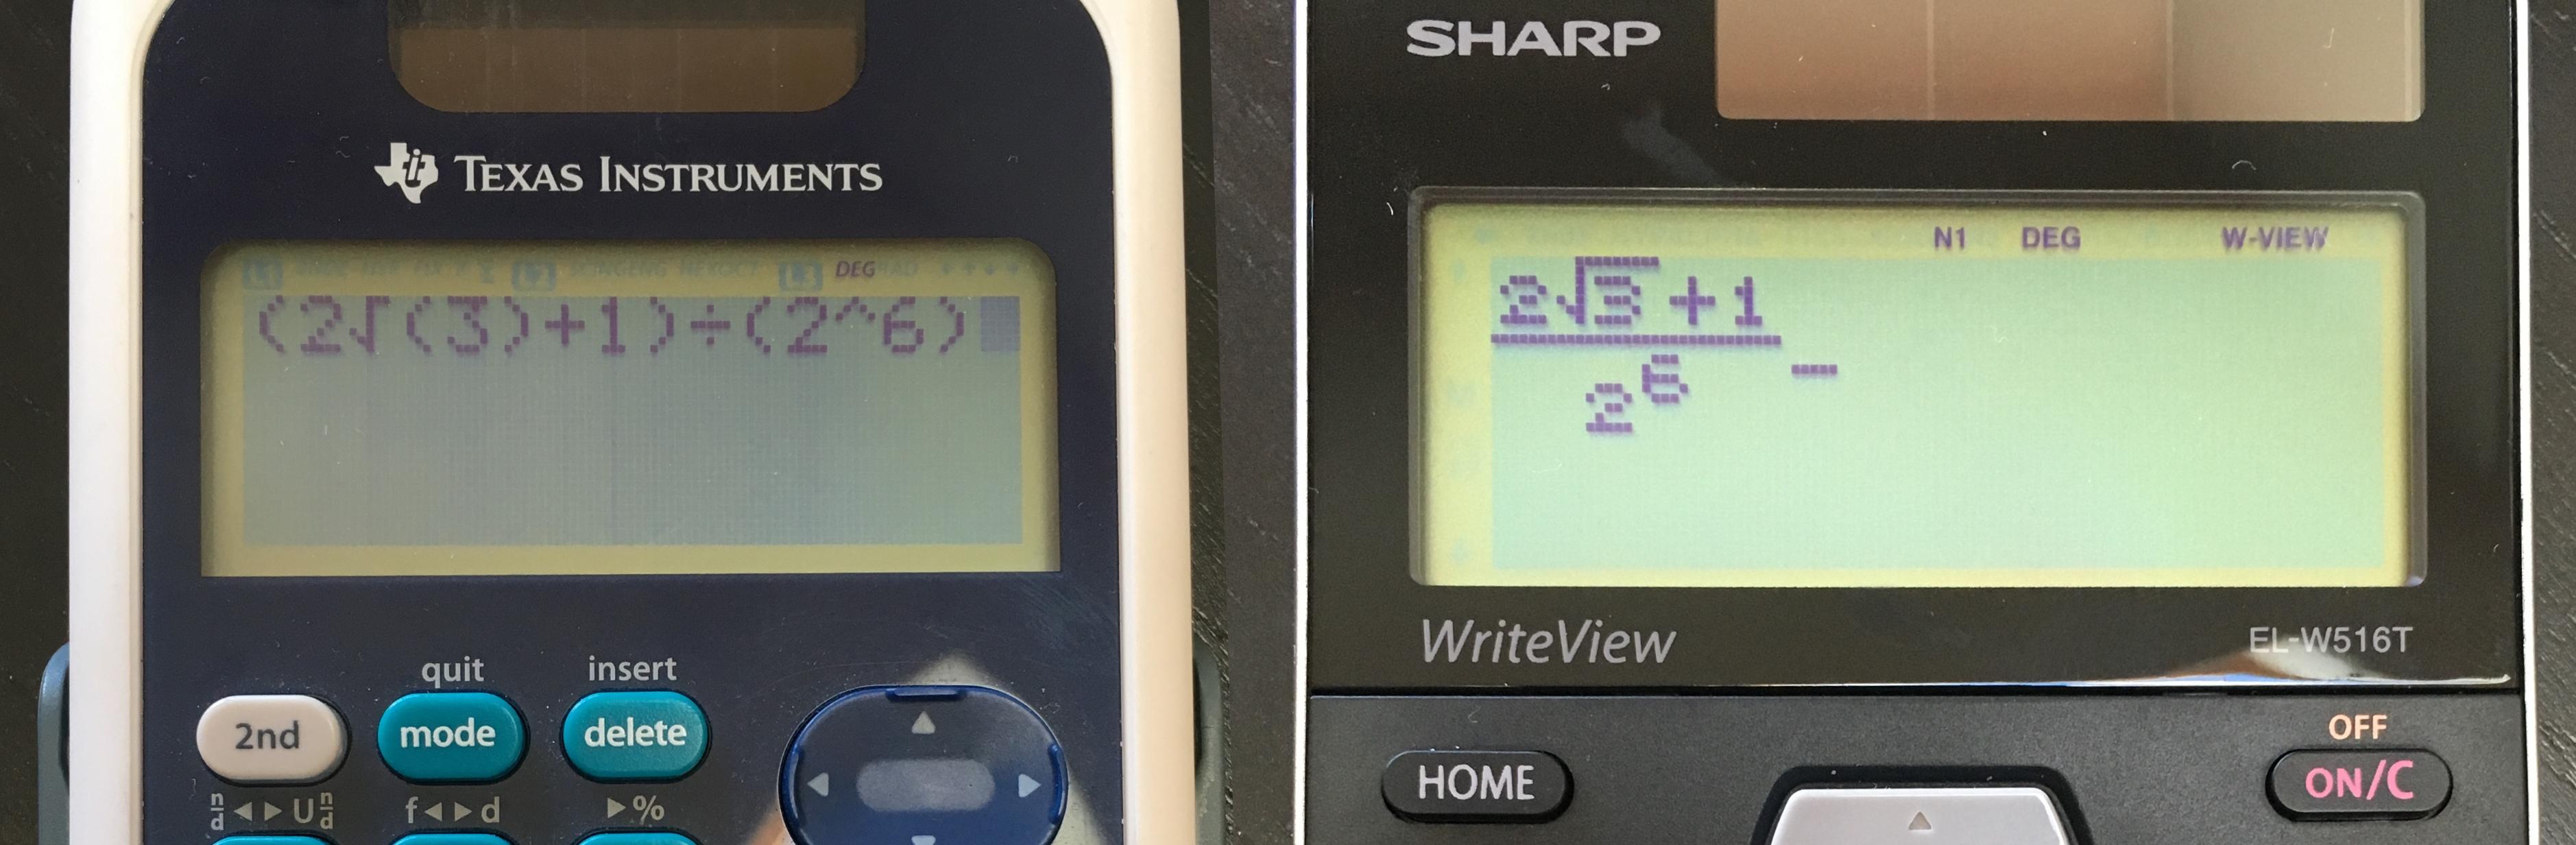 How To Solve Quadratic Equation Using Sharp Calculator